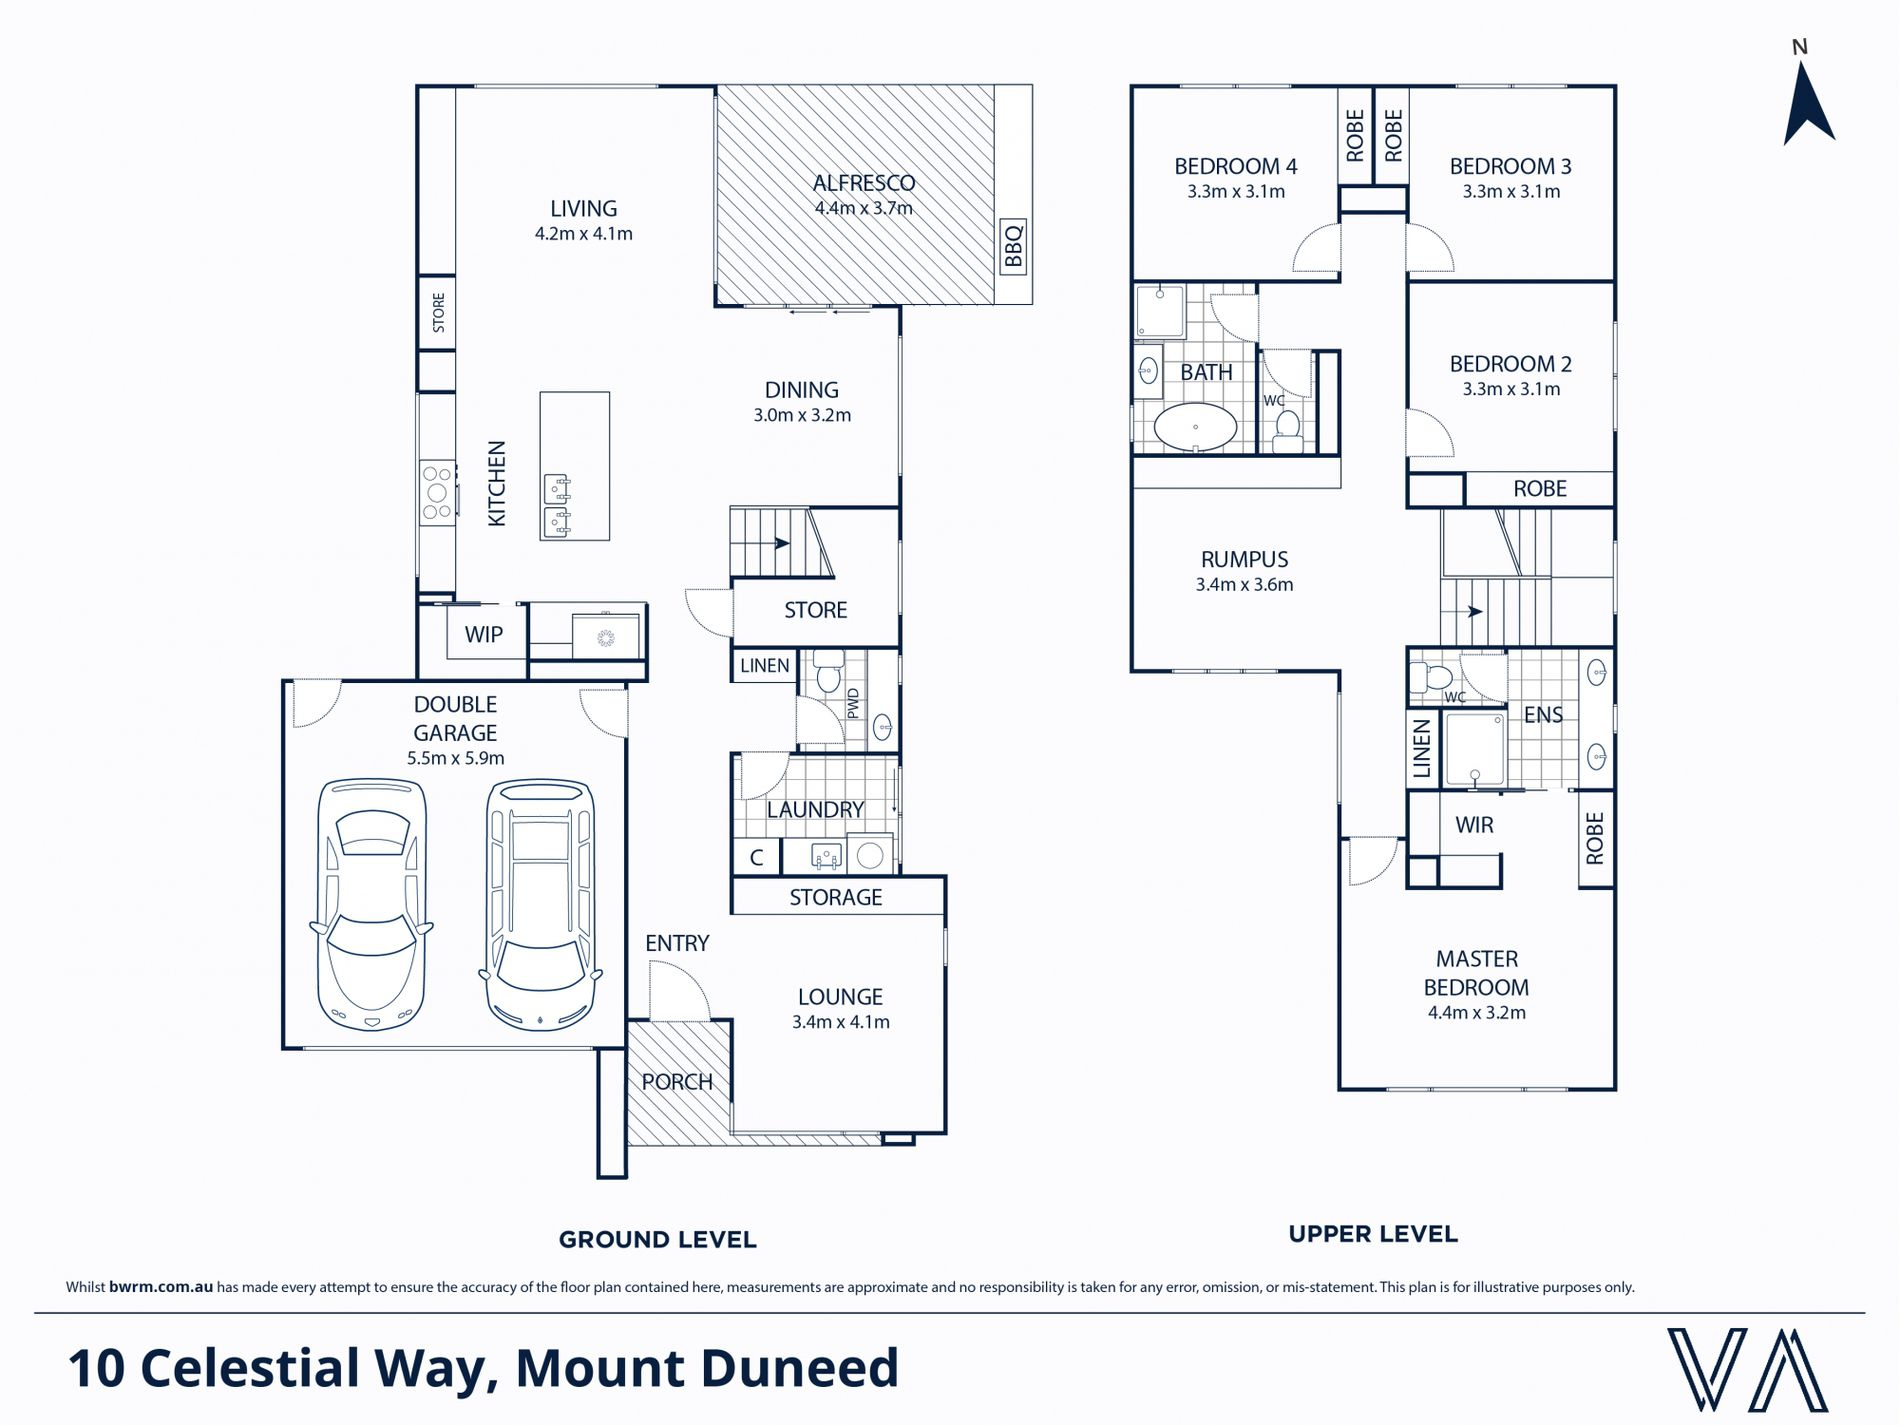 10 Celestial Way, Mount Duneed